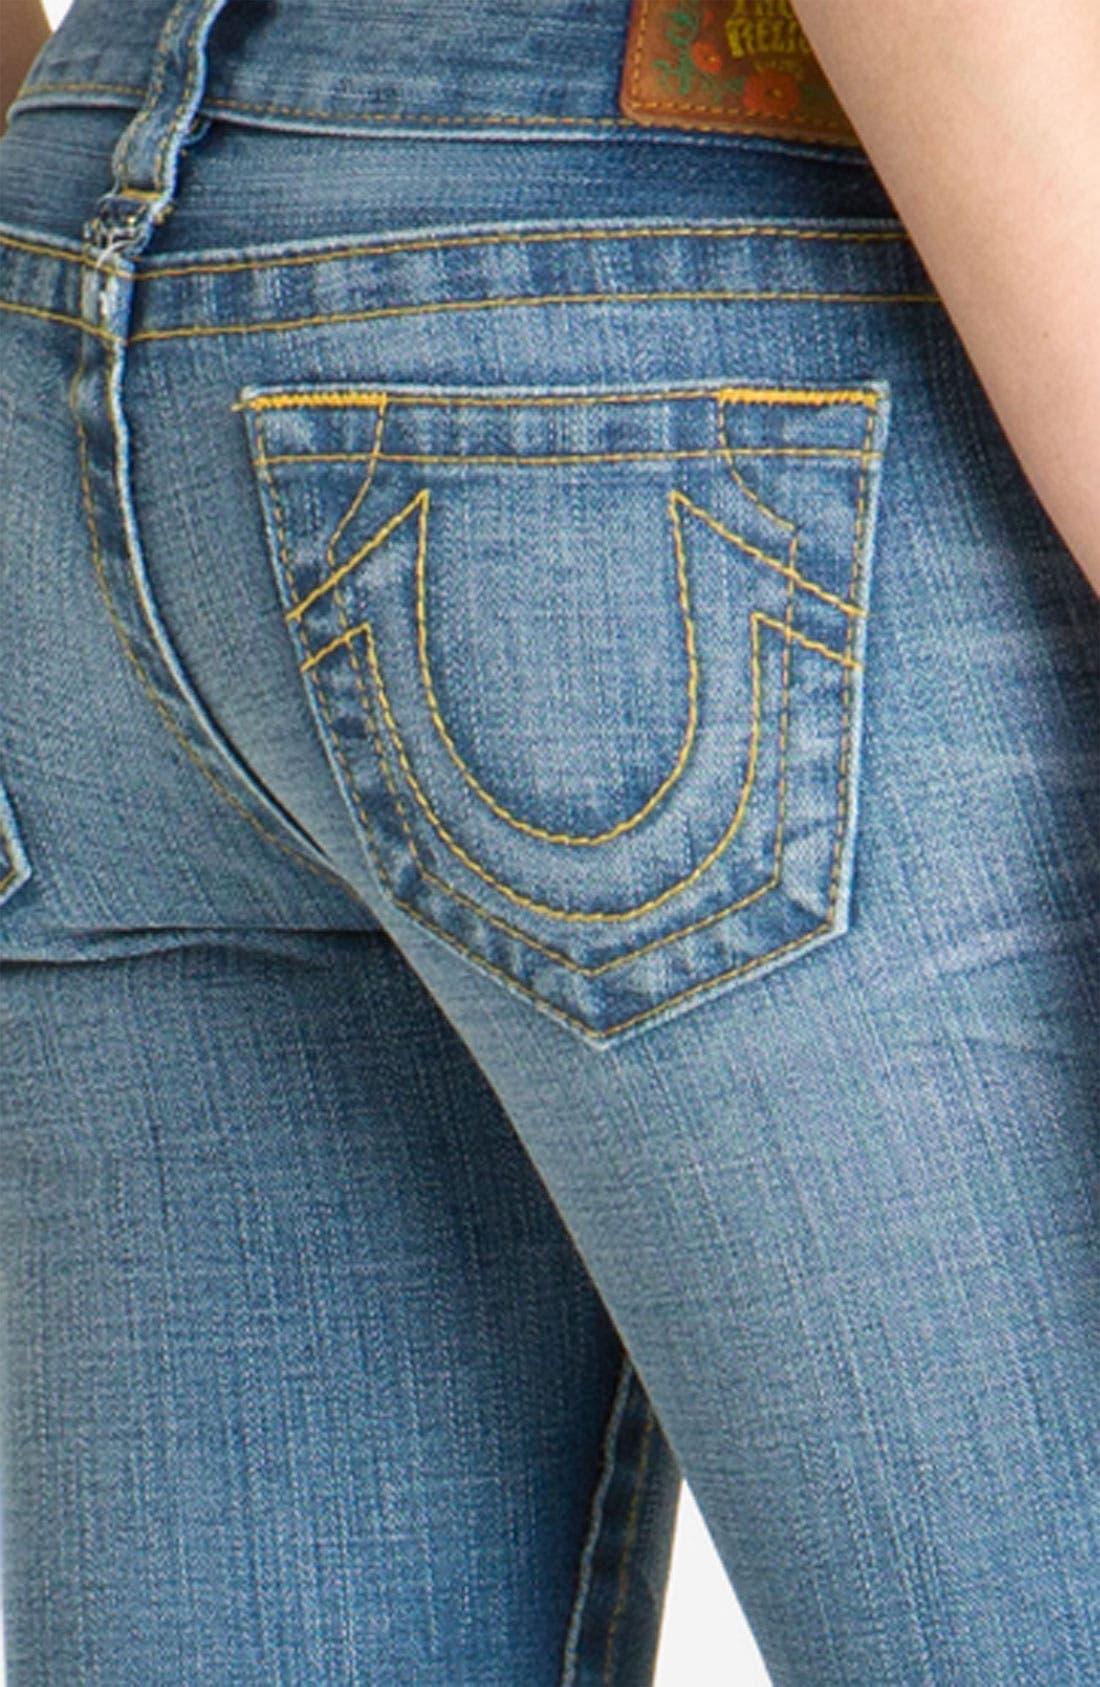 Alternate Image 3  - True Religion Brand Jeans 'Bobby' Flare Leg Jeans (Arlington)